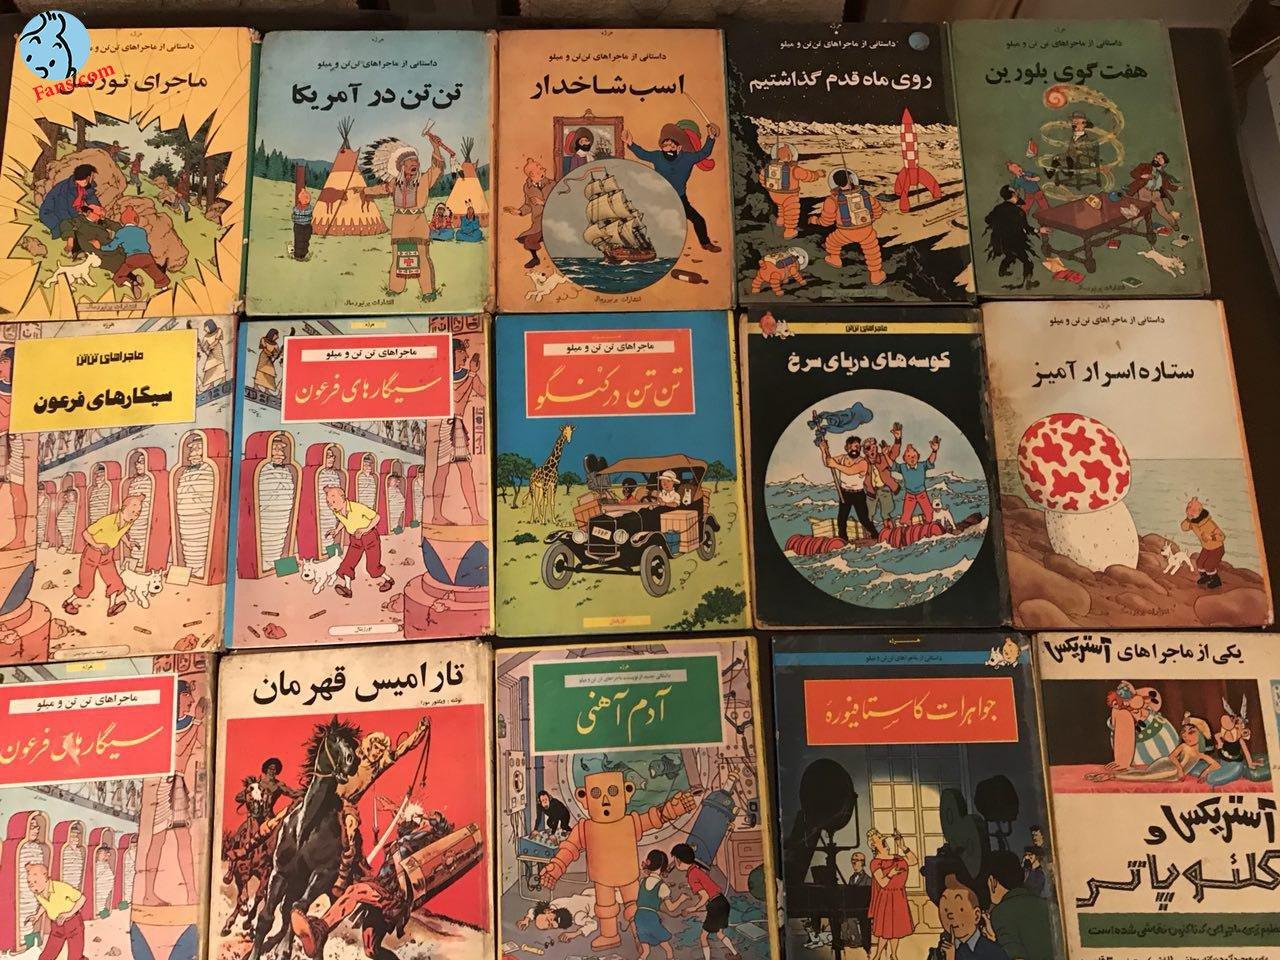 فروش کتاب های تن تن و آستریکس